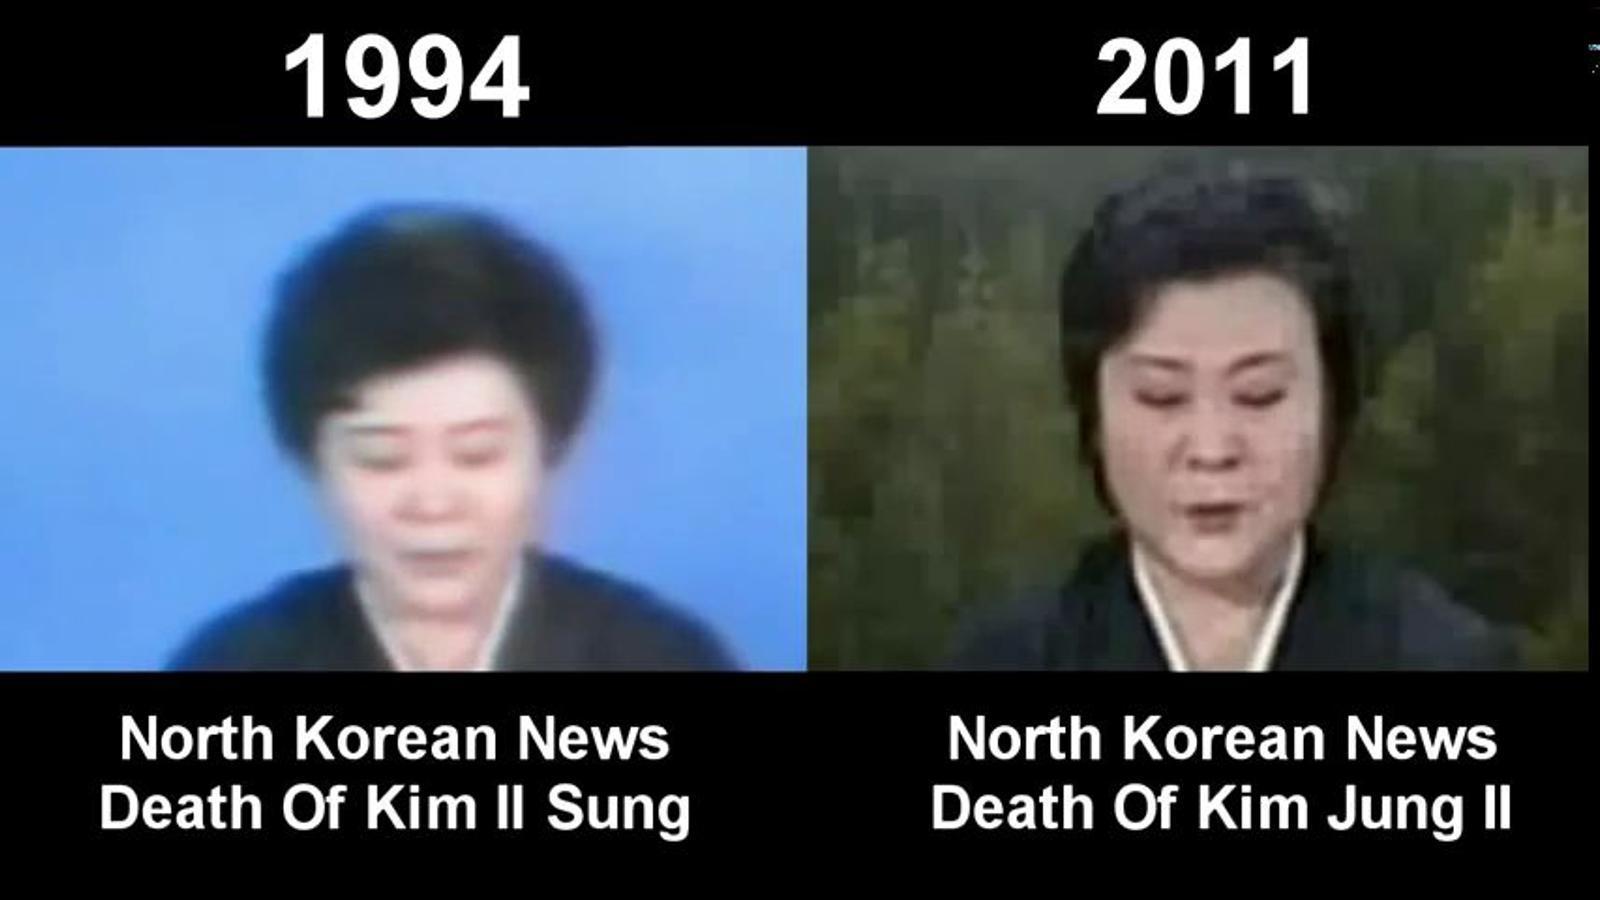 La mateixa presentadora per anunciar la mort de Kim Il-sung i la de Kim Jong-il?